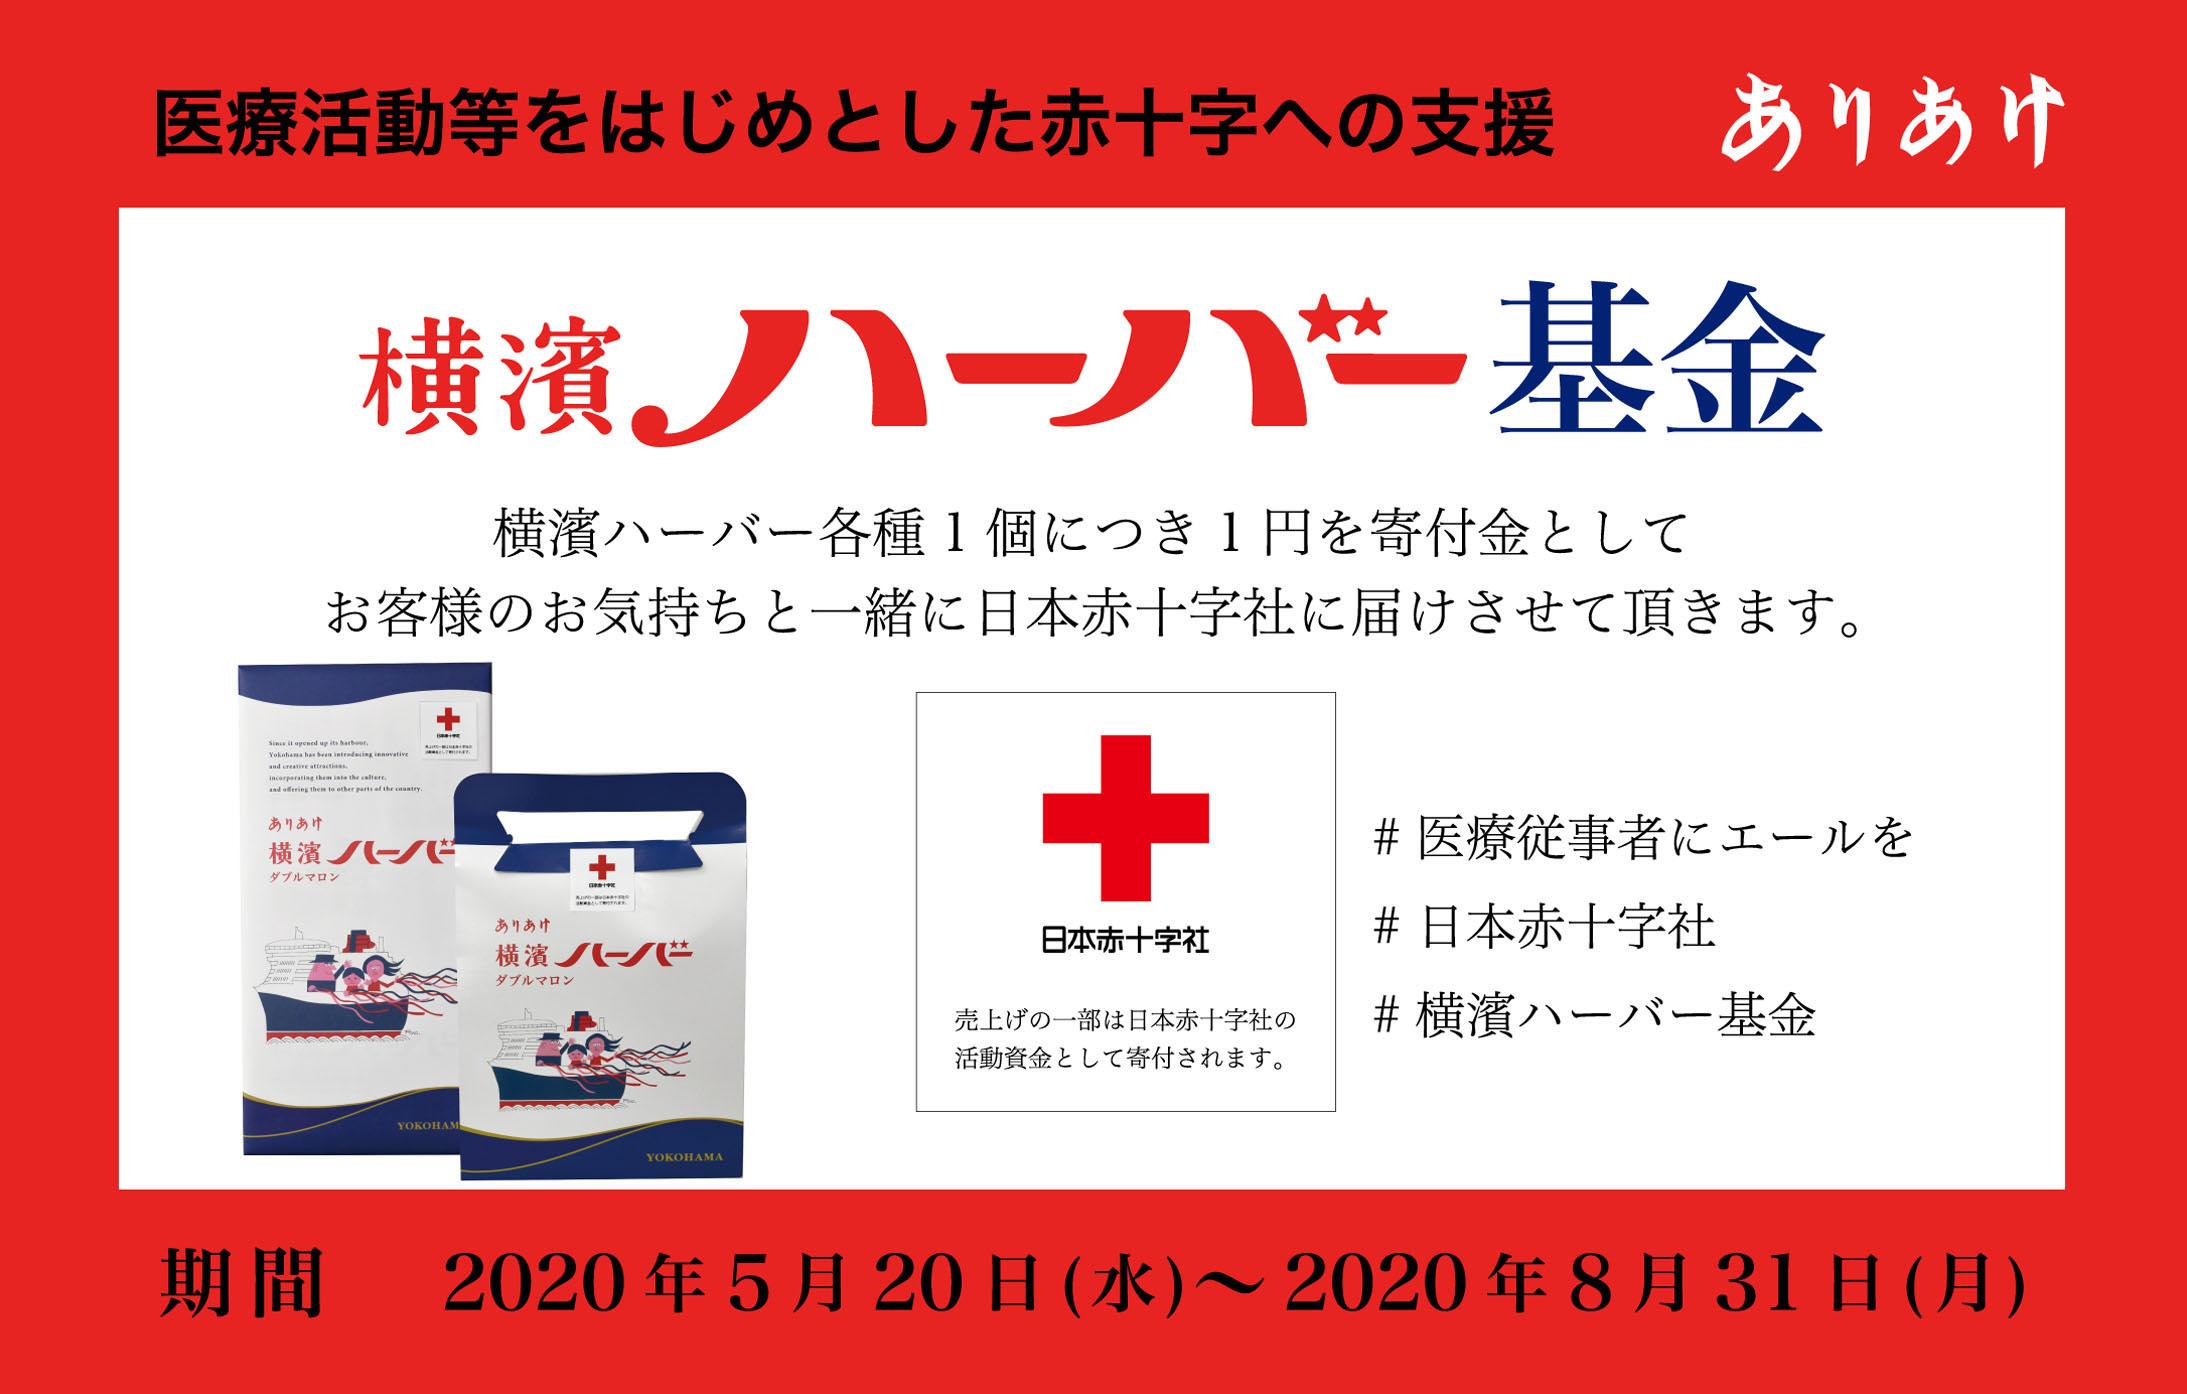 7_200714_HP用バナー赤十字